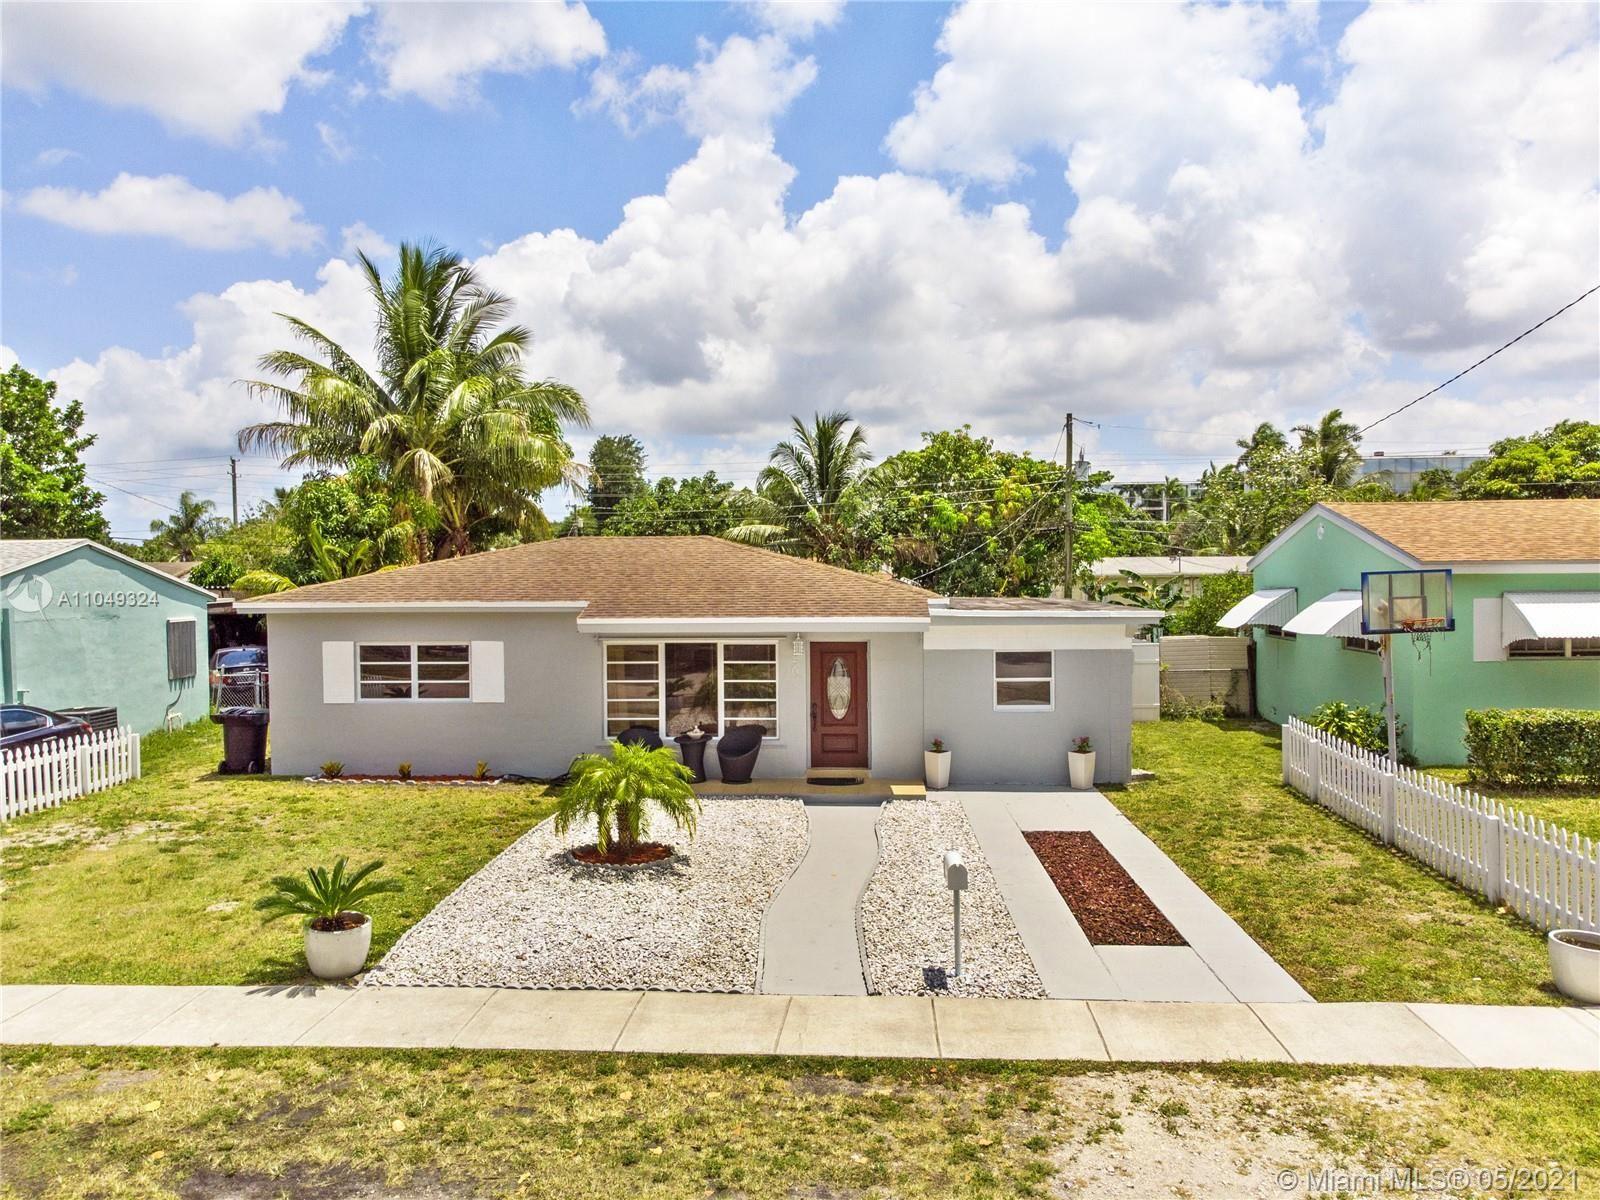 250 NE 170th St, North Miami Beach, FL 33162 - #: A11049324